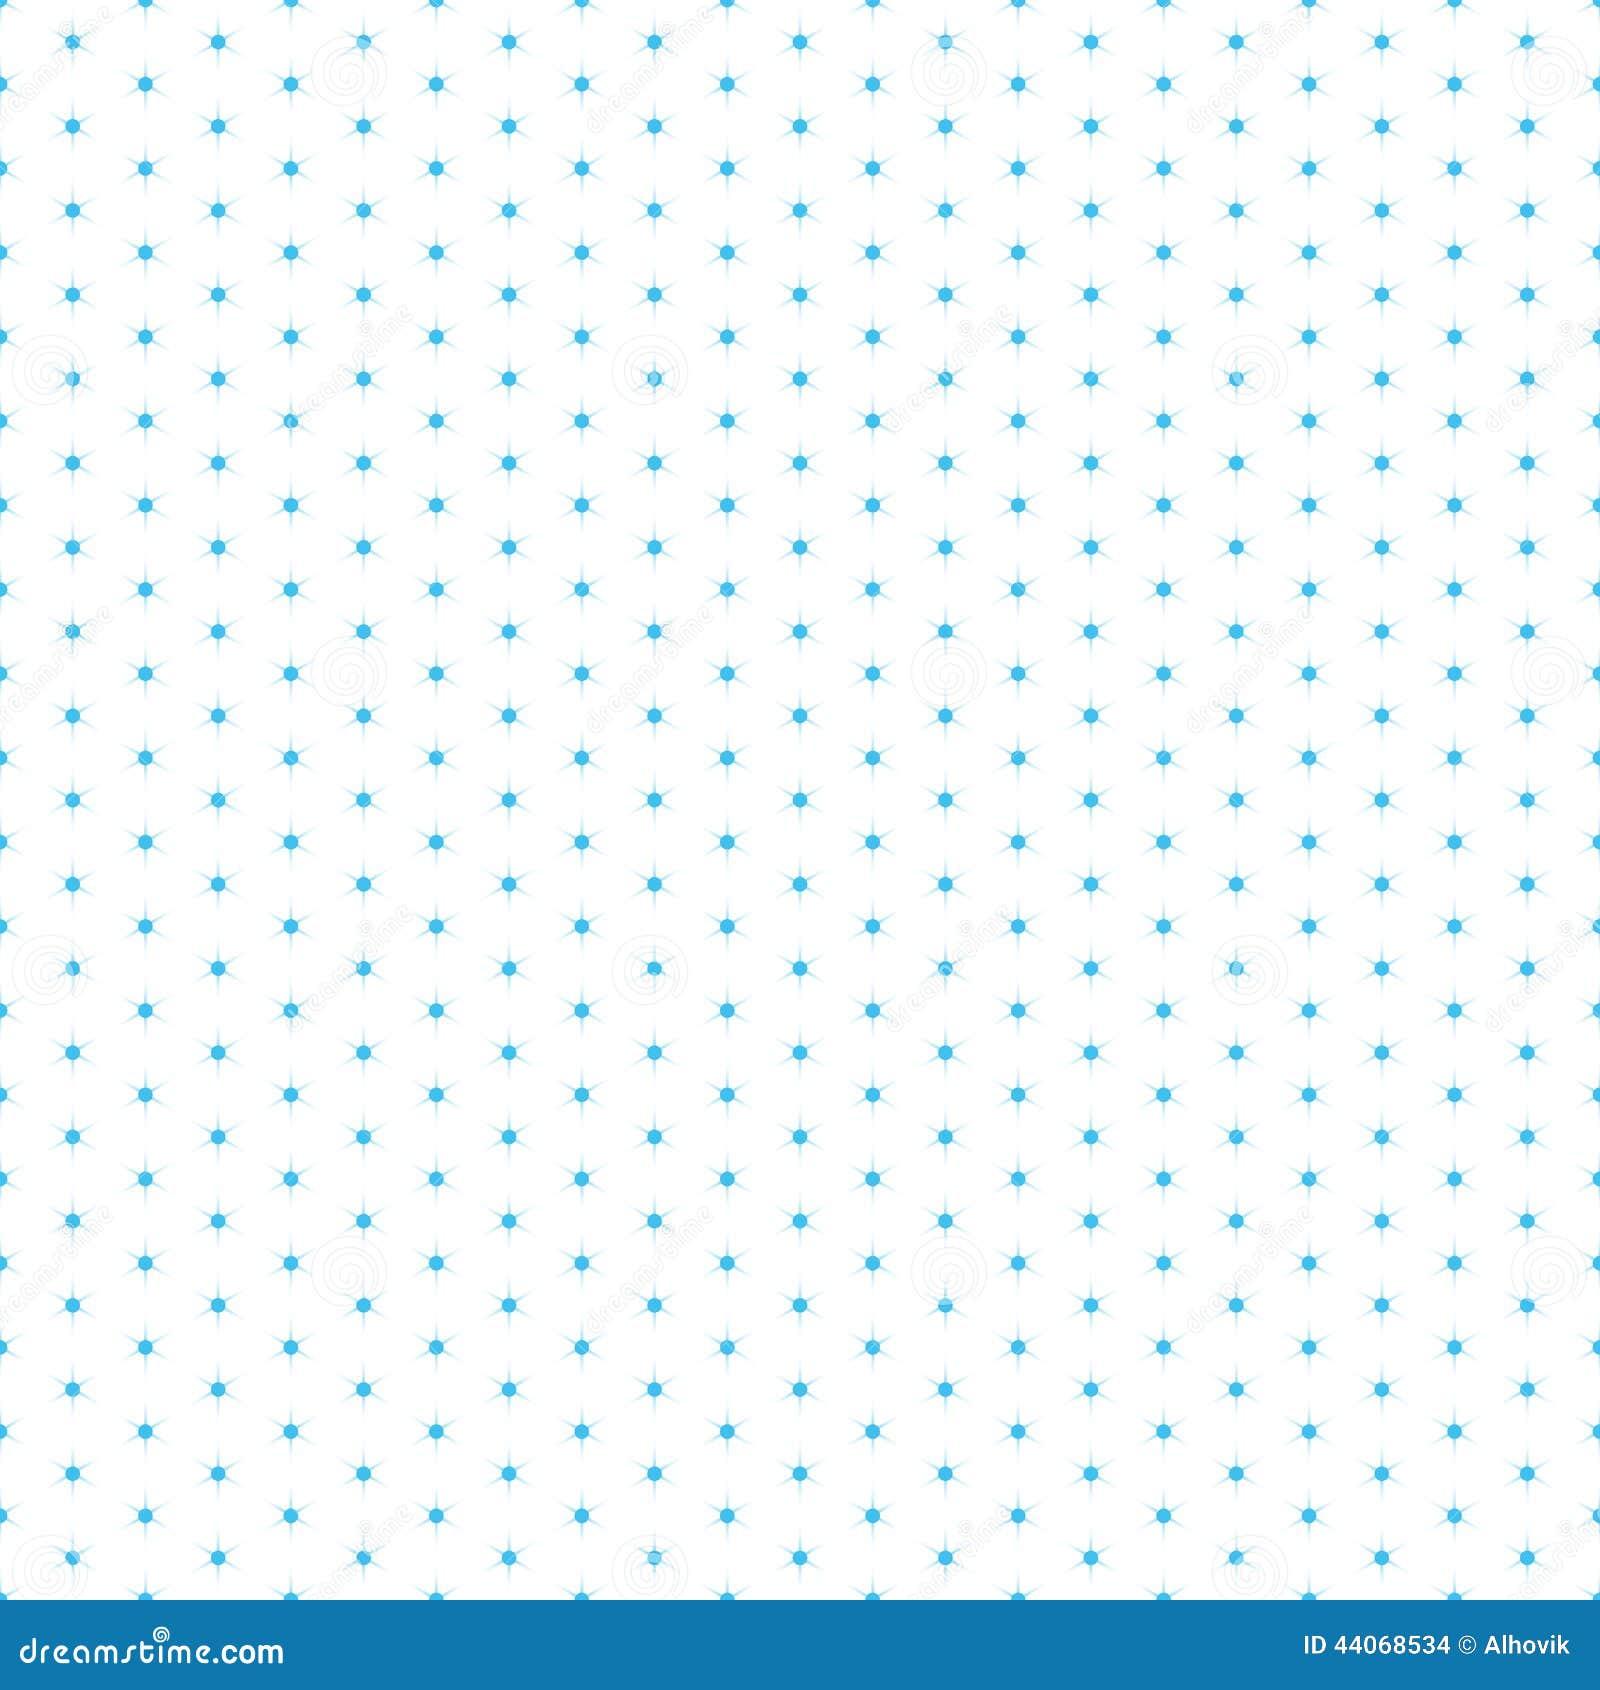 Grid Drawing Online Carta Isometrica Del Punto Illustrazione Vettoriale